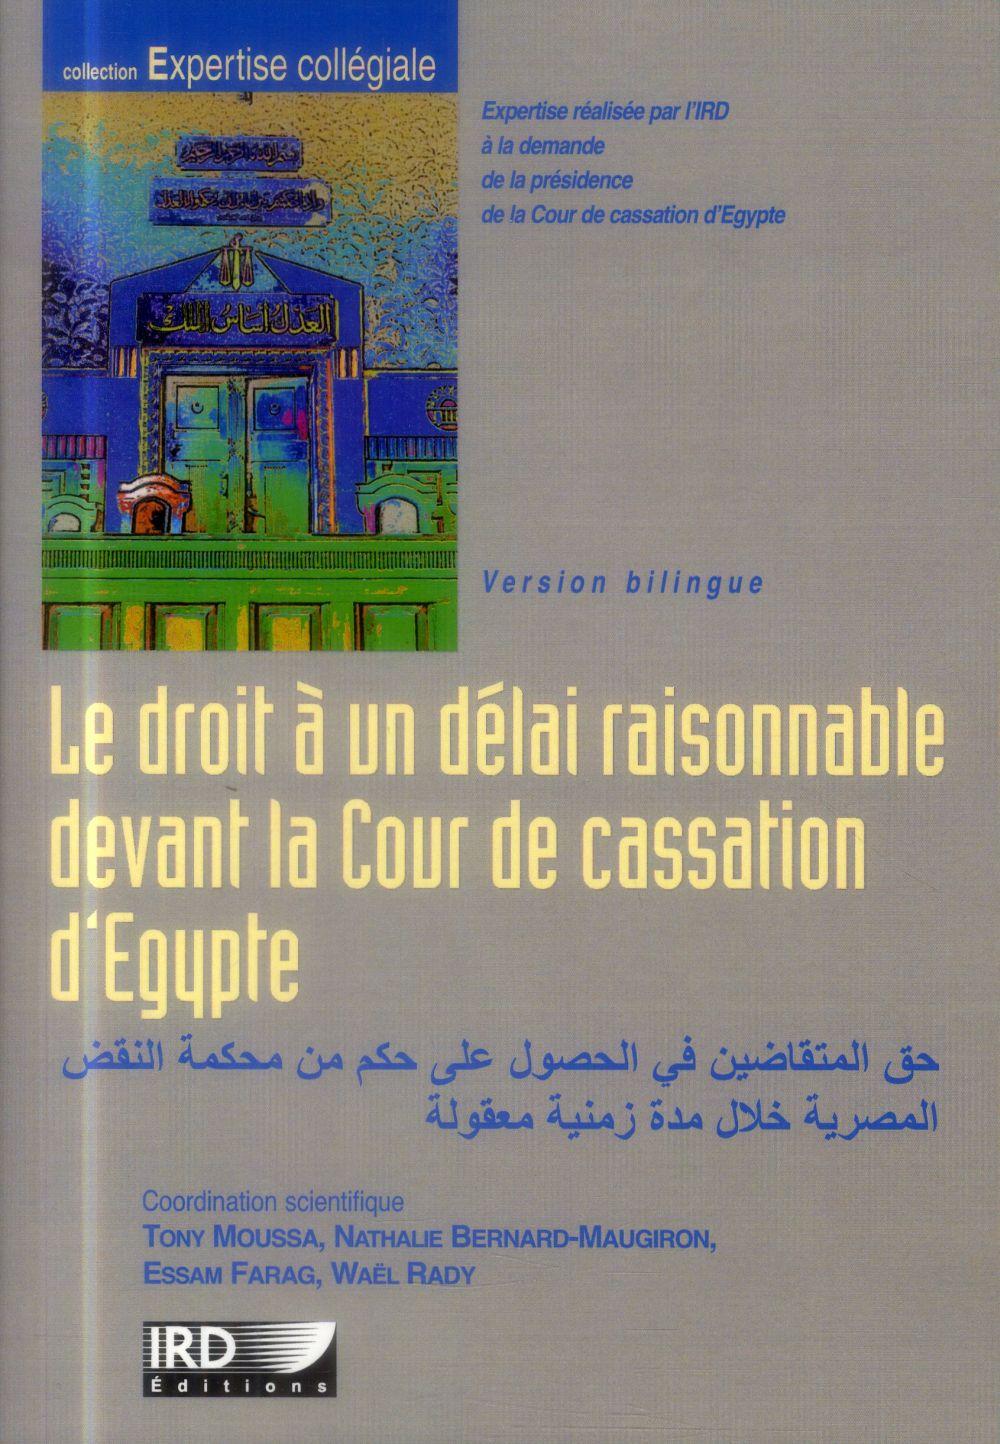 Le droit à un délai raisonnable devant la cour de cassation d'Egypte